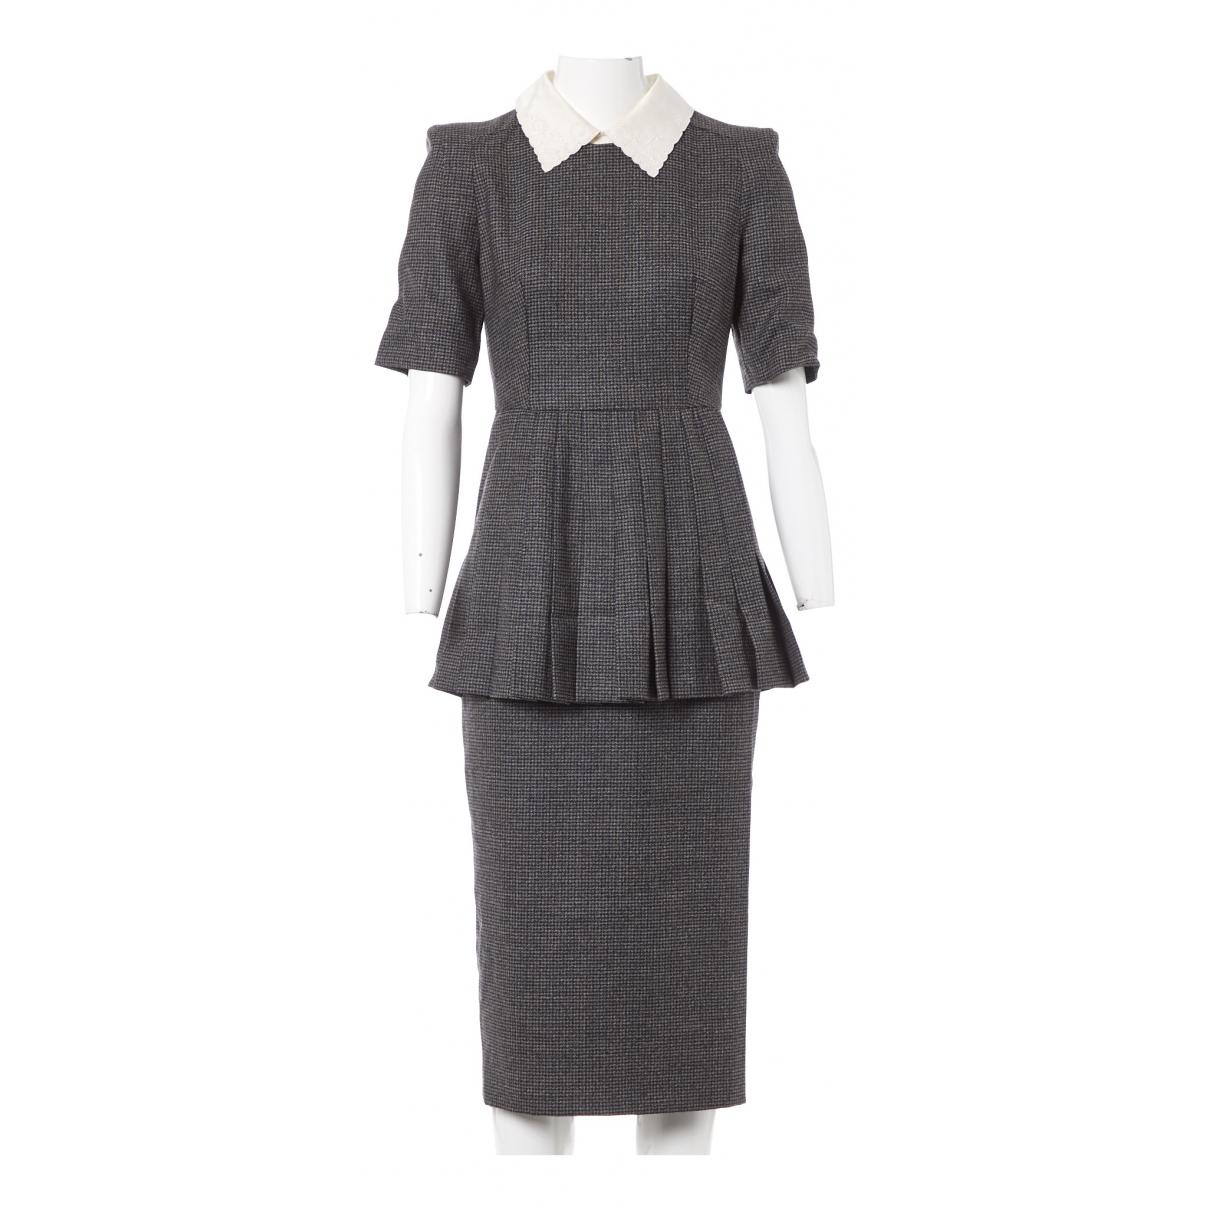 Fendi \N Kleid in  Grau Wolle